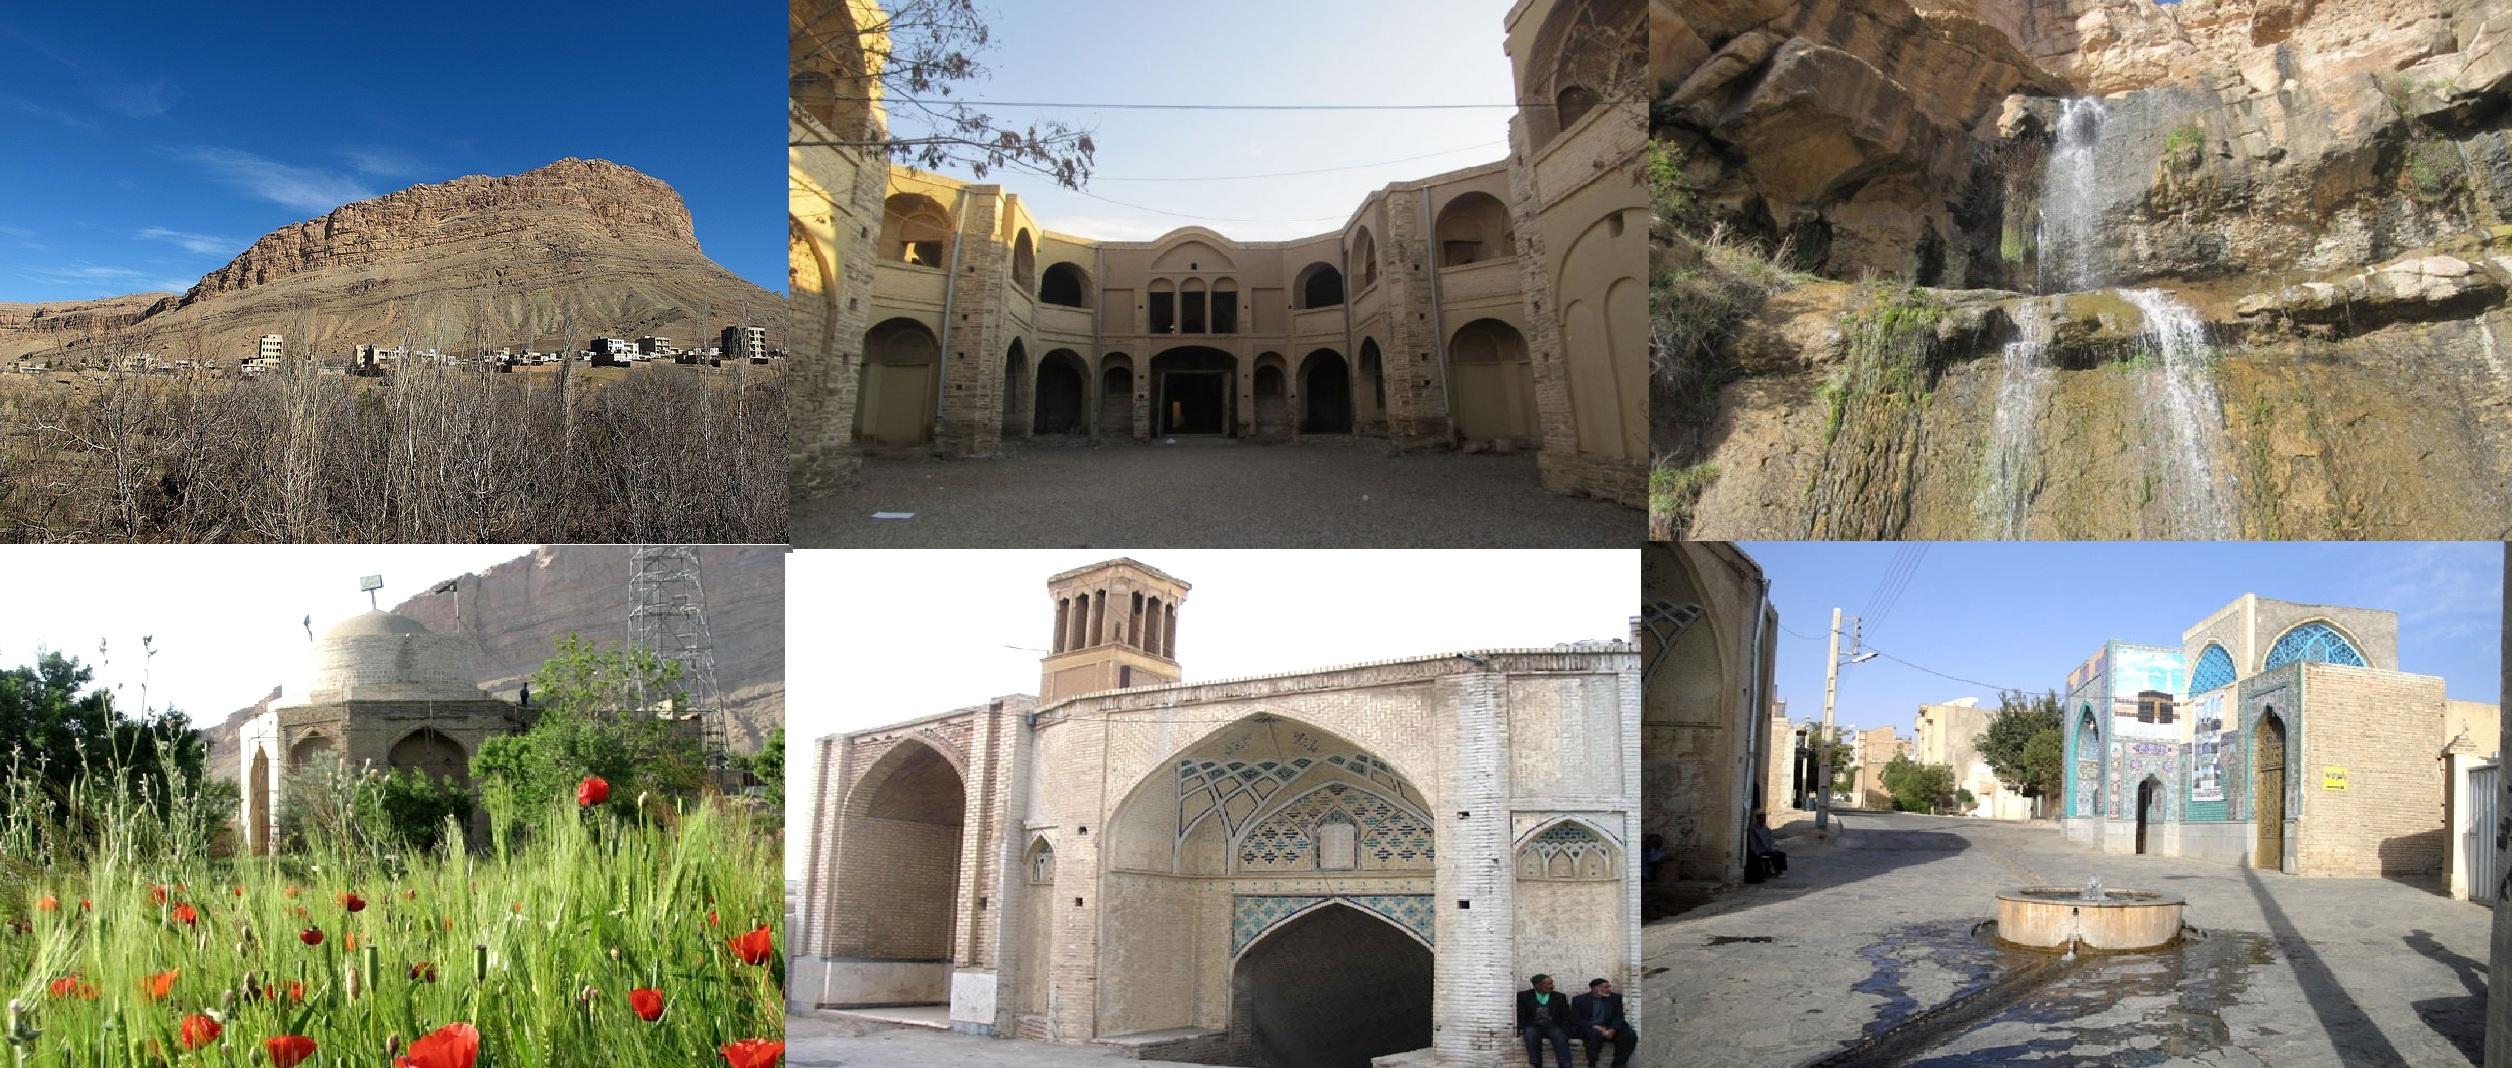 دومین شهر تاریخی ایران به روایت تصاویر